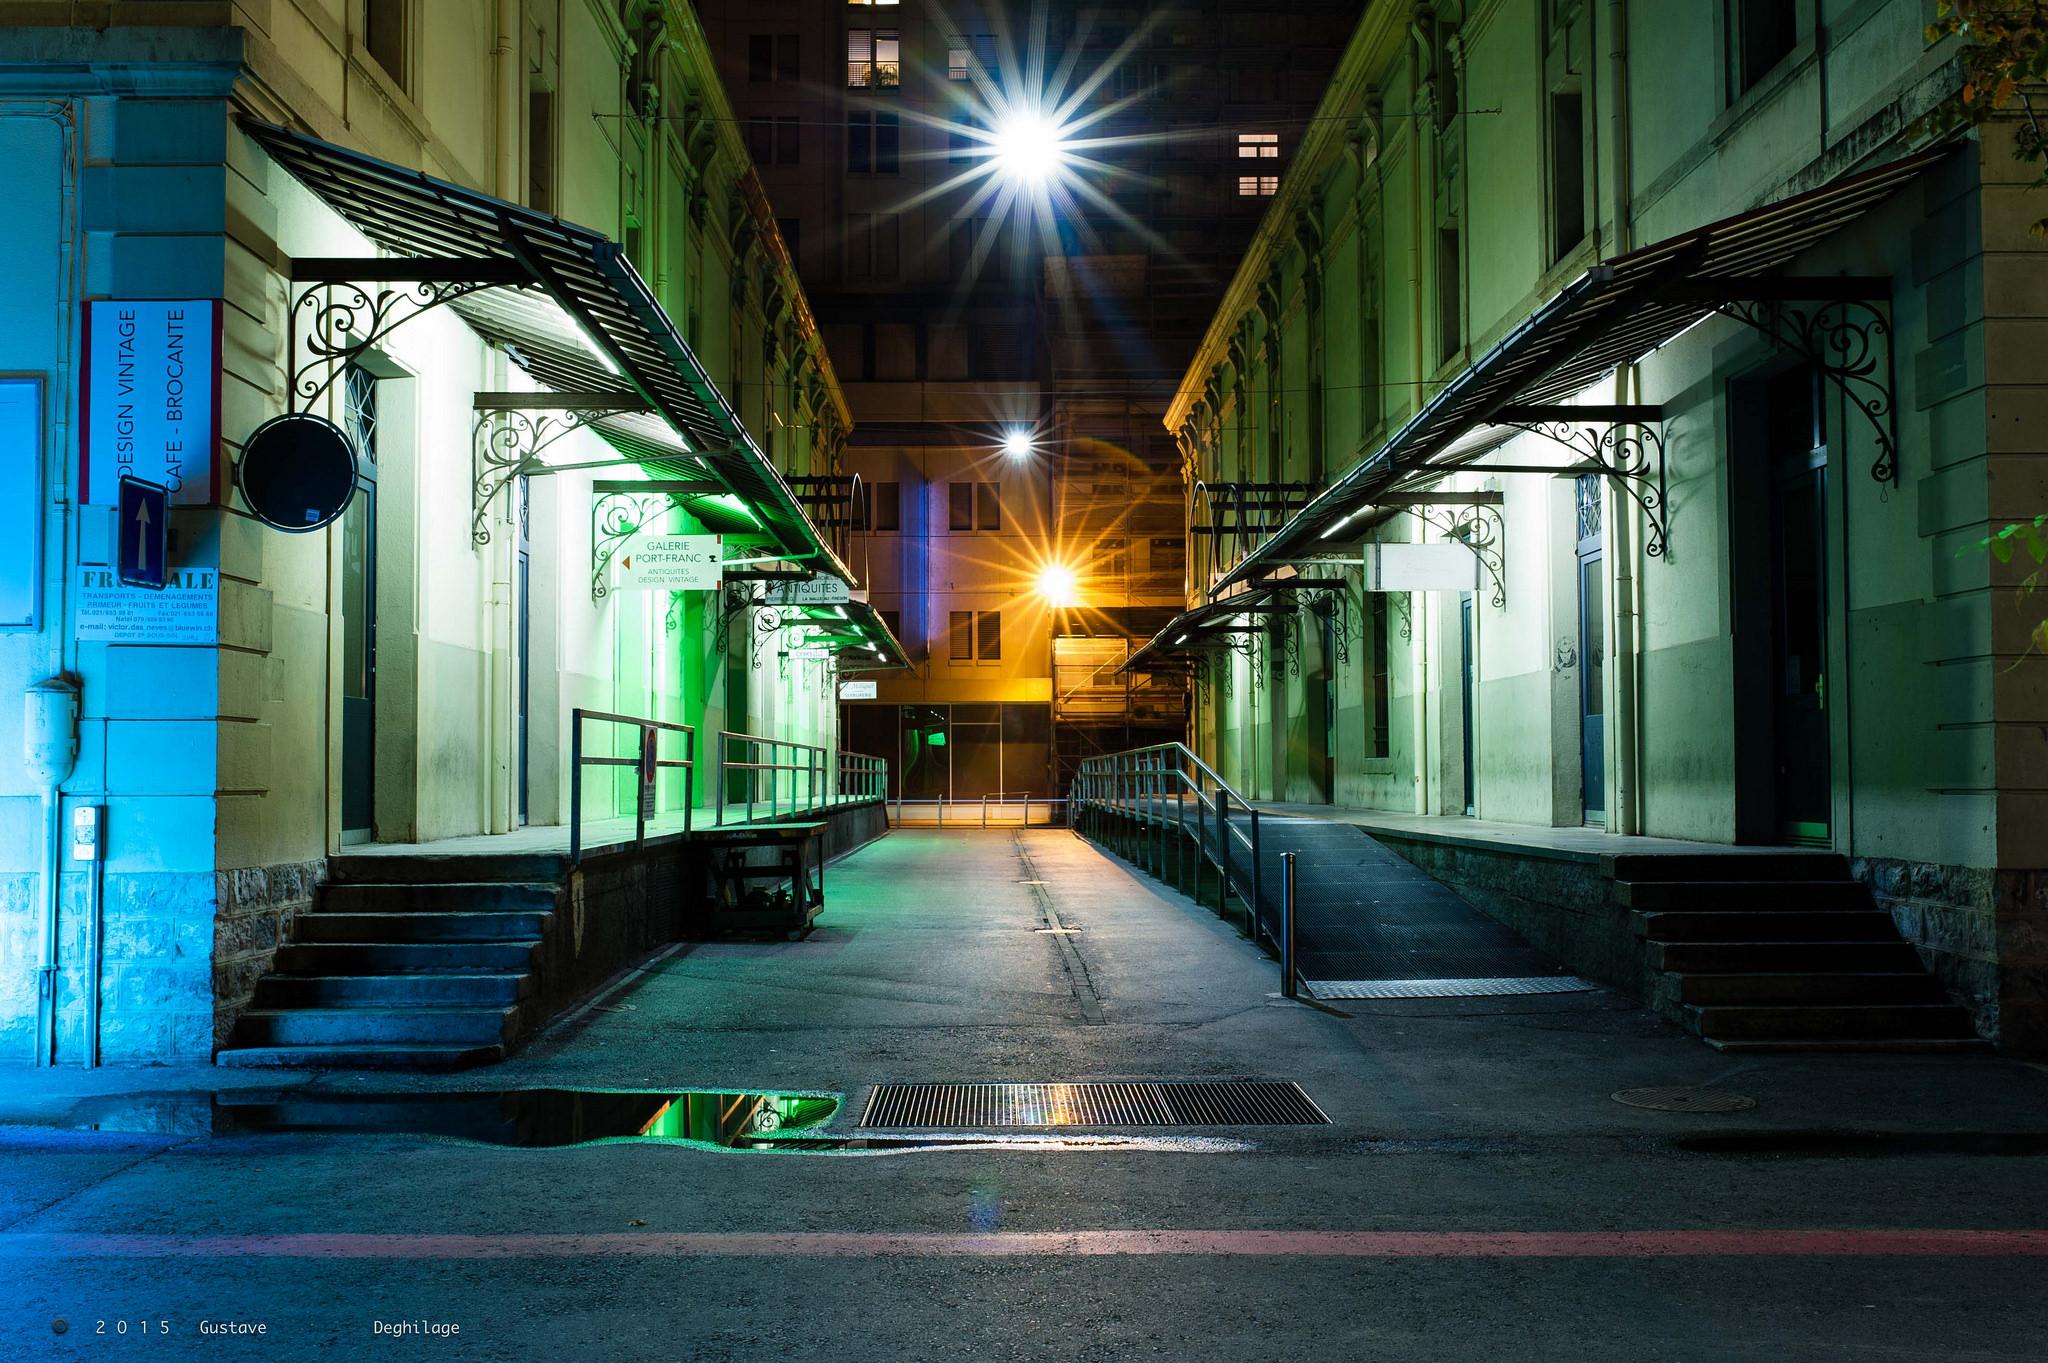 Les contours de lausanne la nuit rentrer seule d un pas for Piscine eclairee la nuit